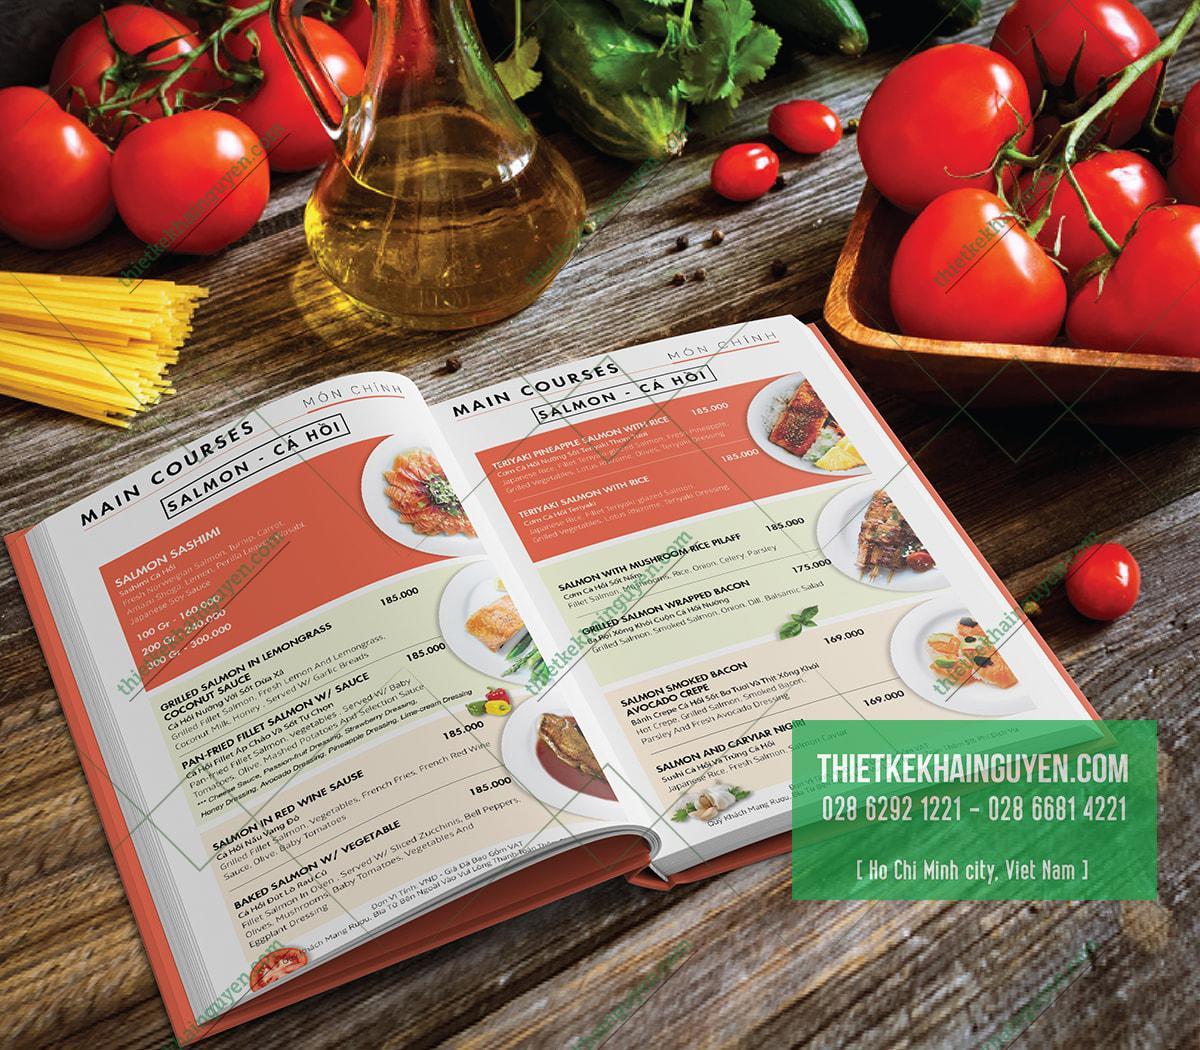 Thiết kế thực đơn nhà hàng Salmon